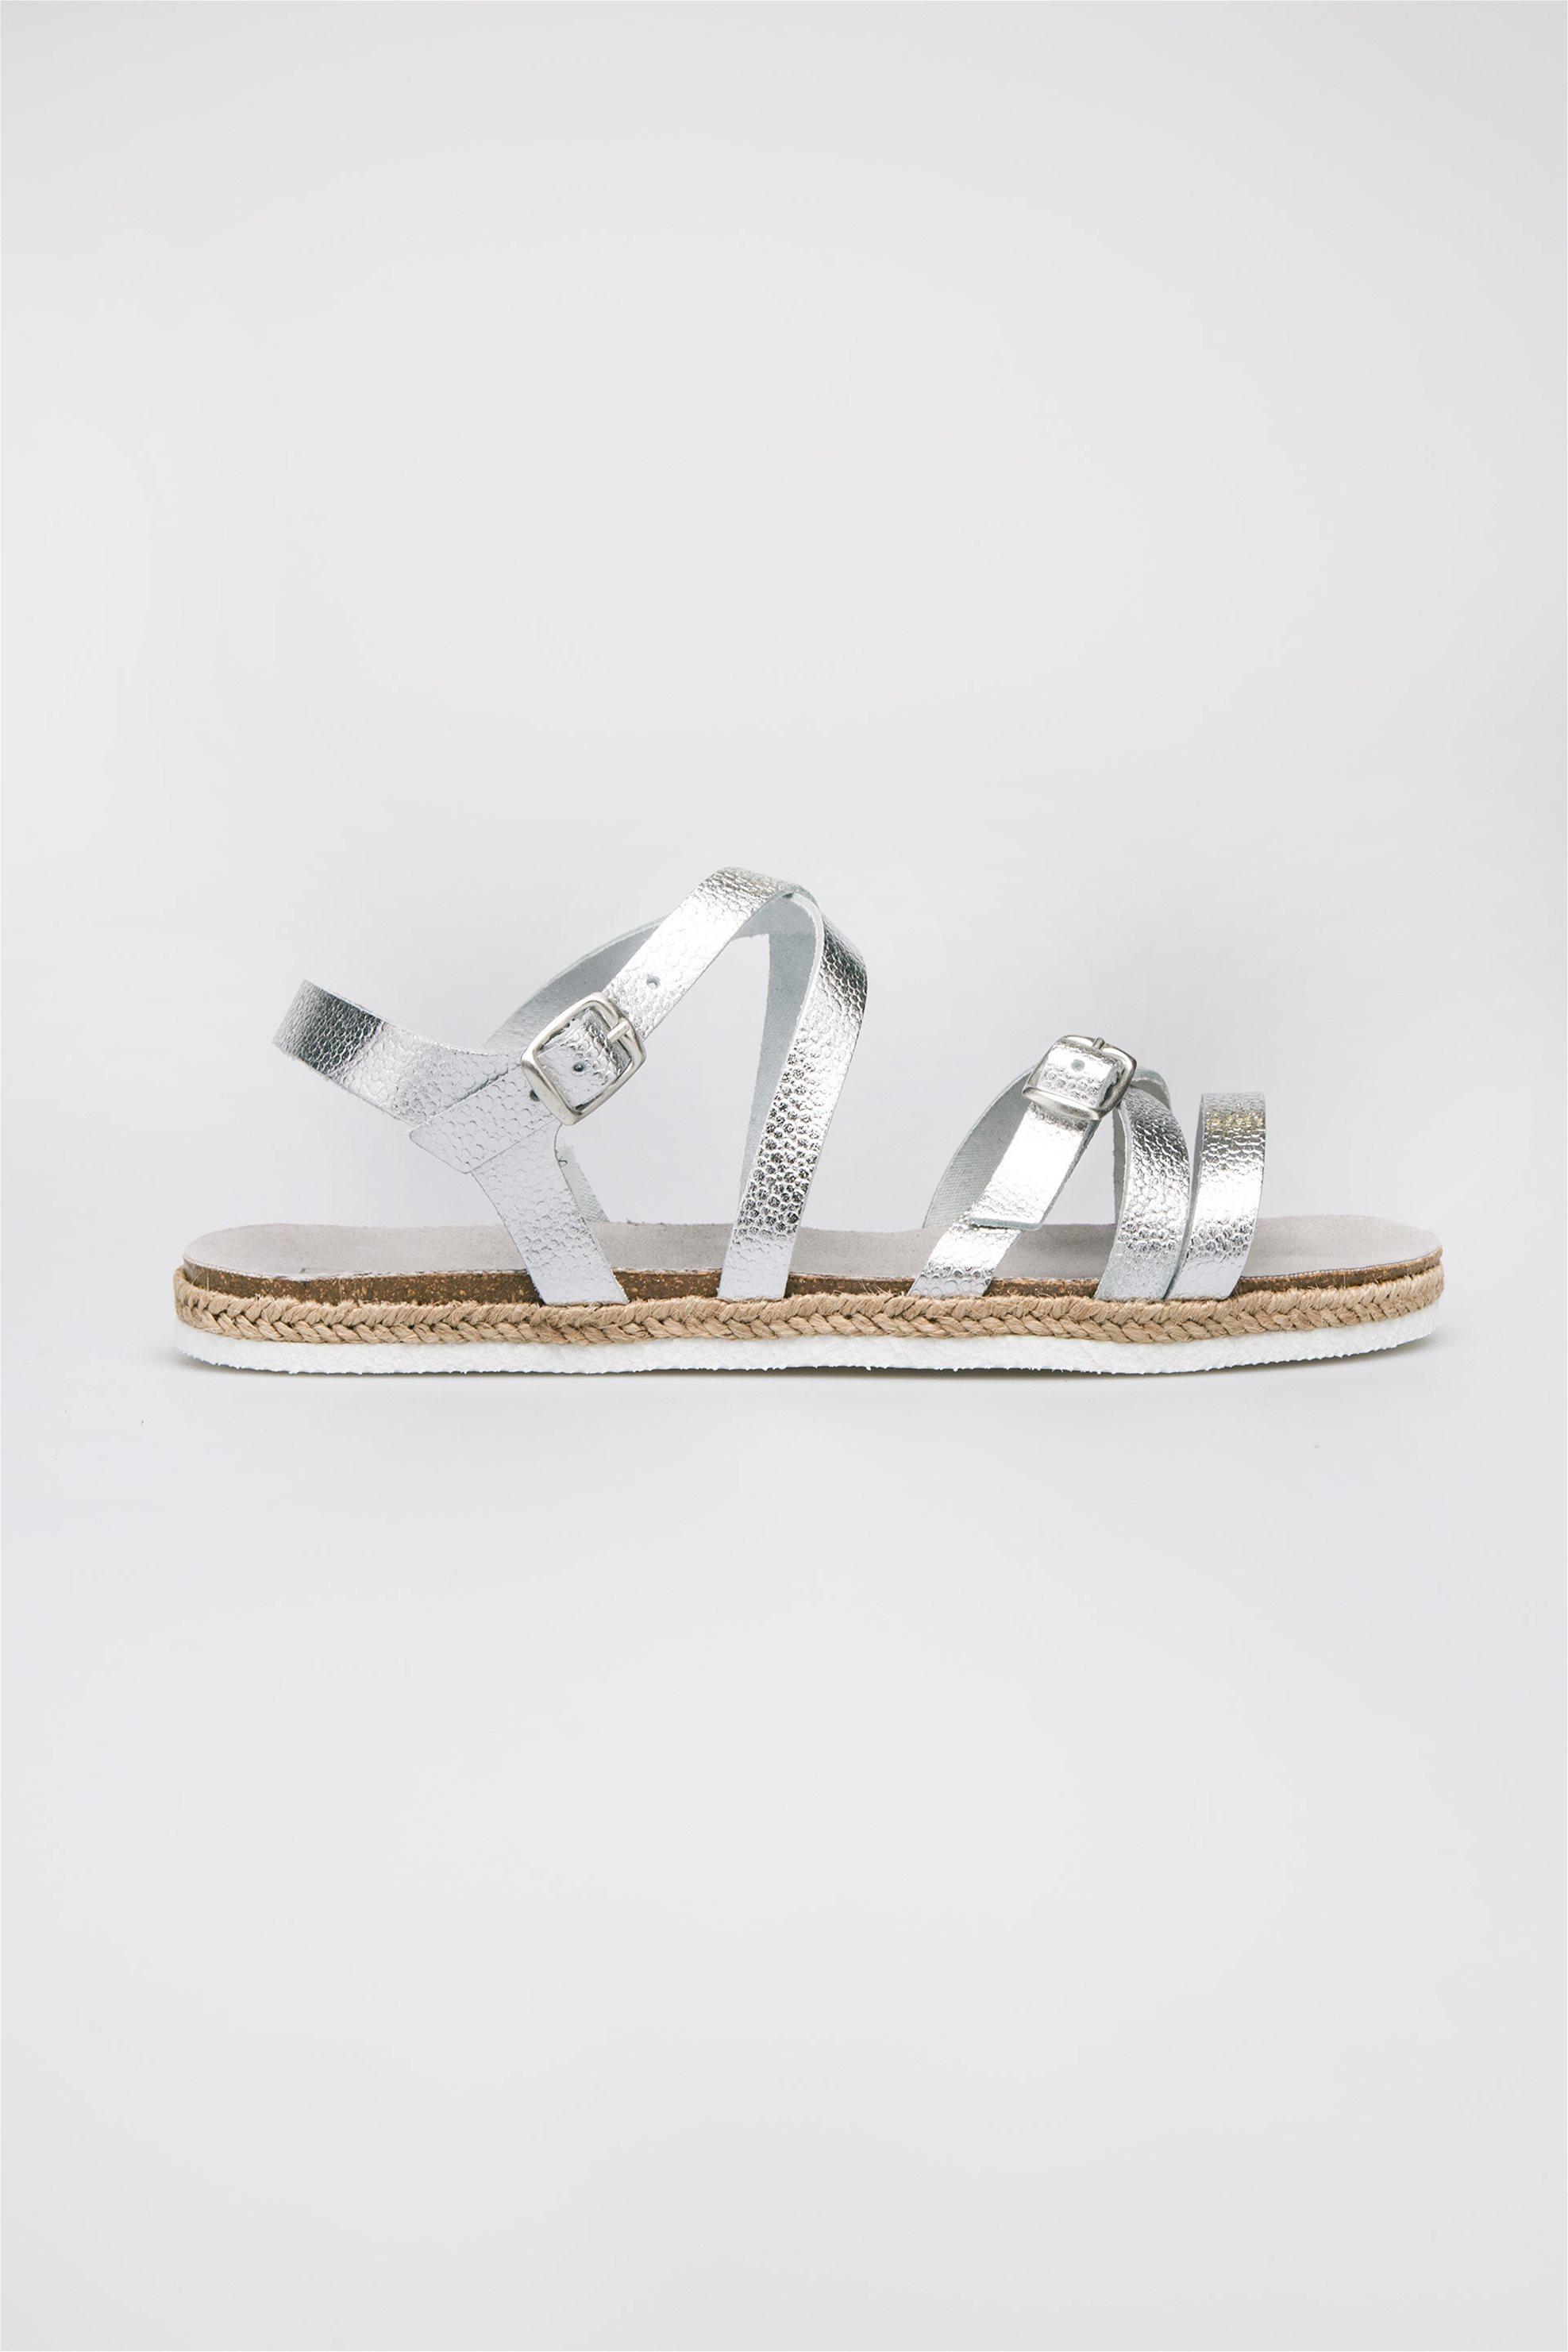 Γυναικεία παπούτσια Esprit - 047EK1W038 - Ασημί